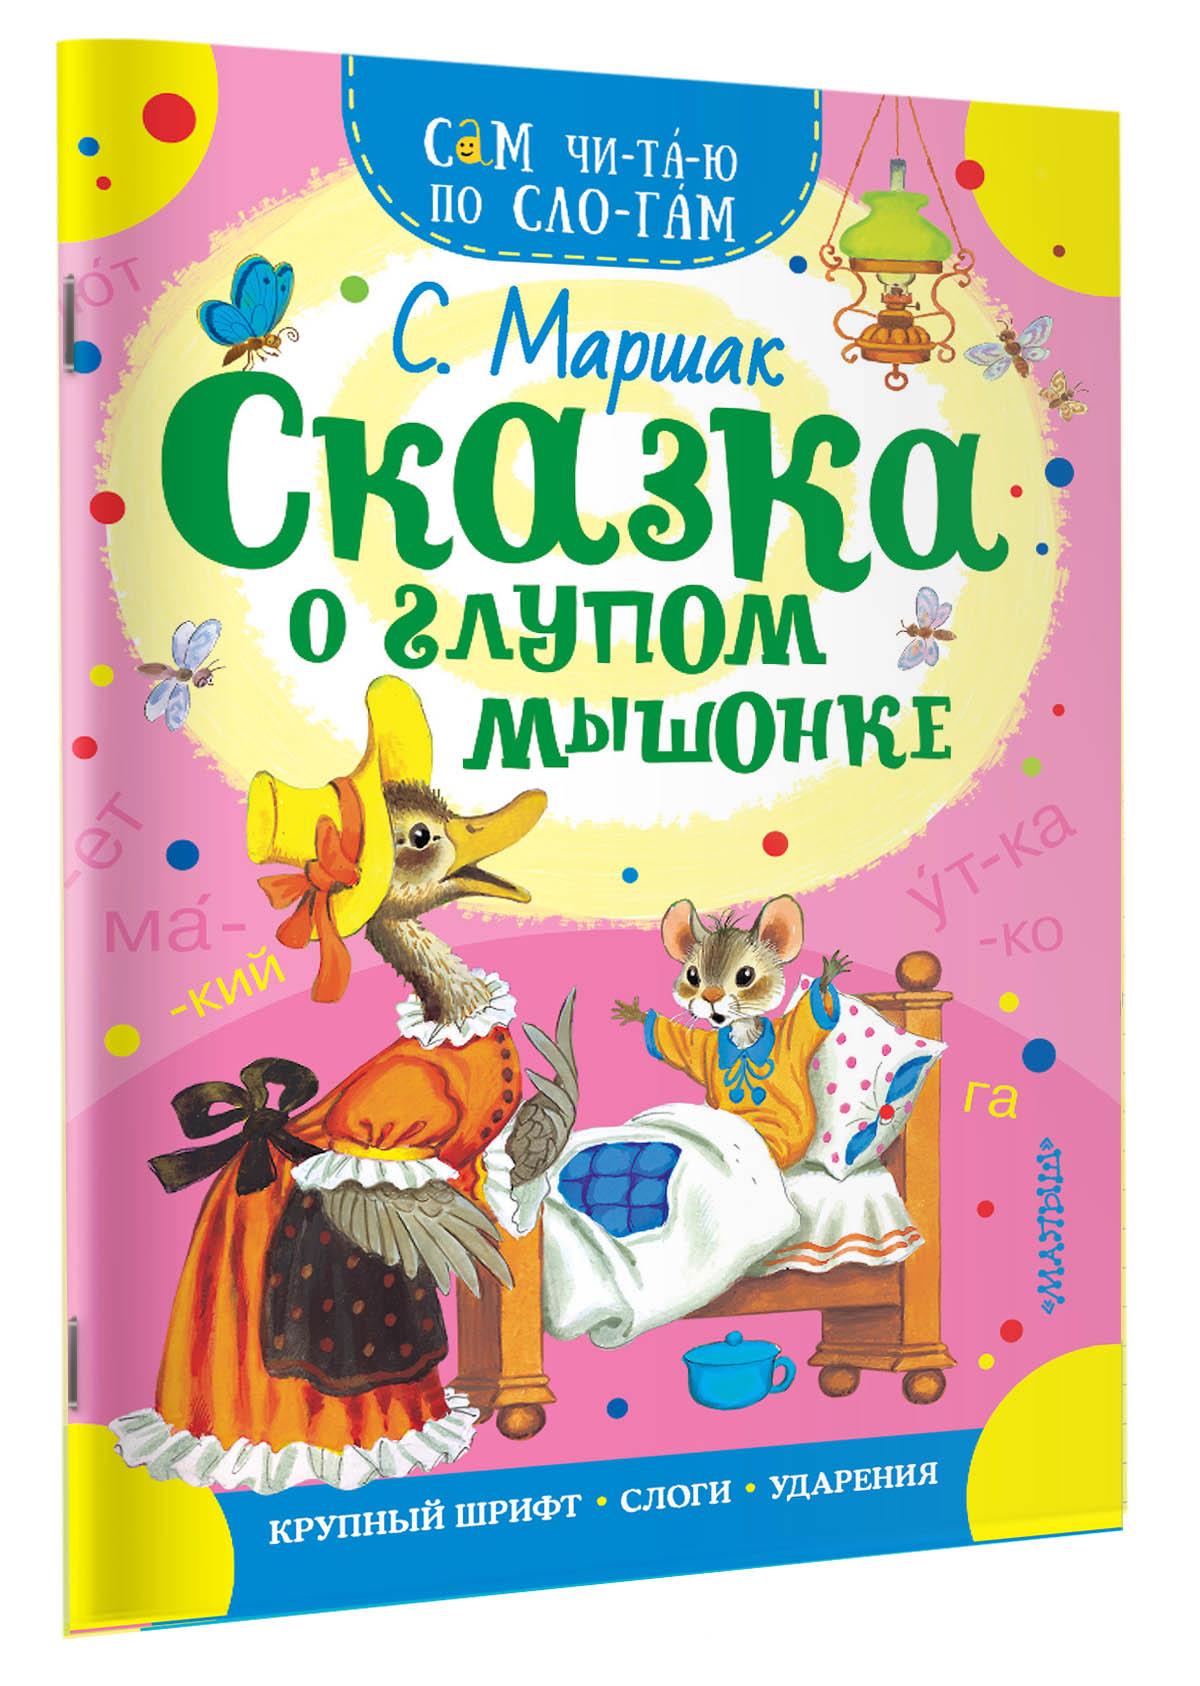 Сказка о глупом мышонке ( Маршак Самуил Яковлевич  )